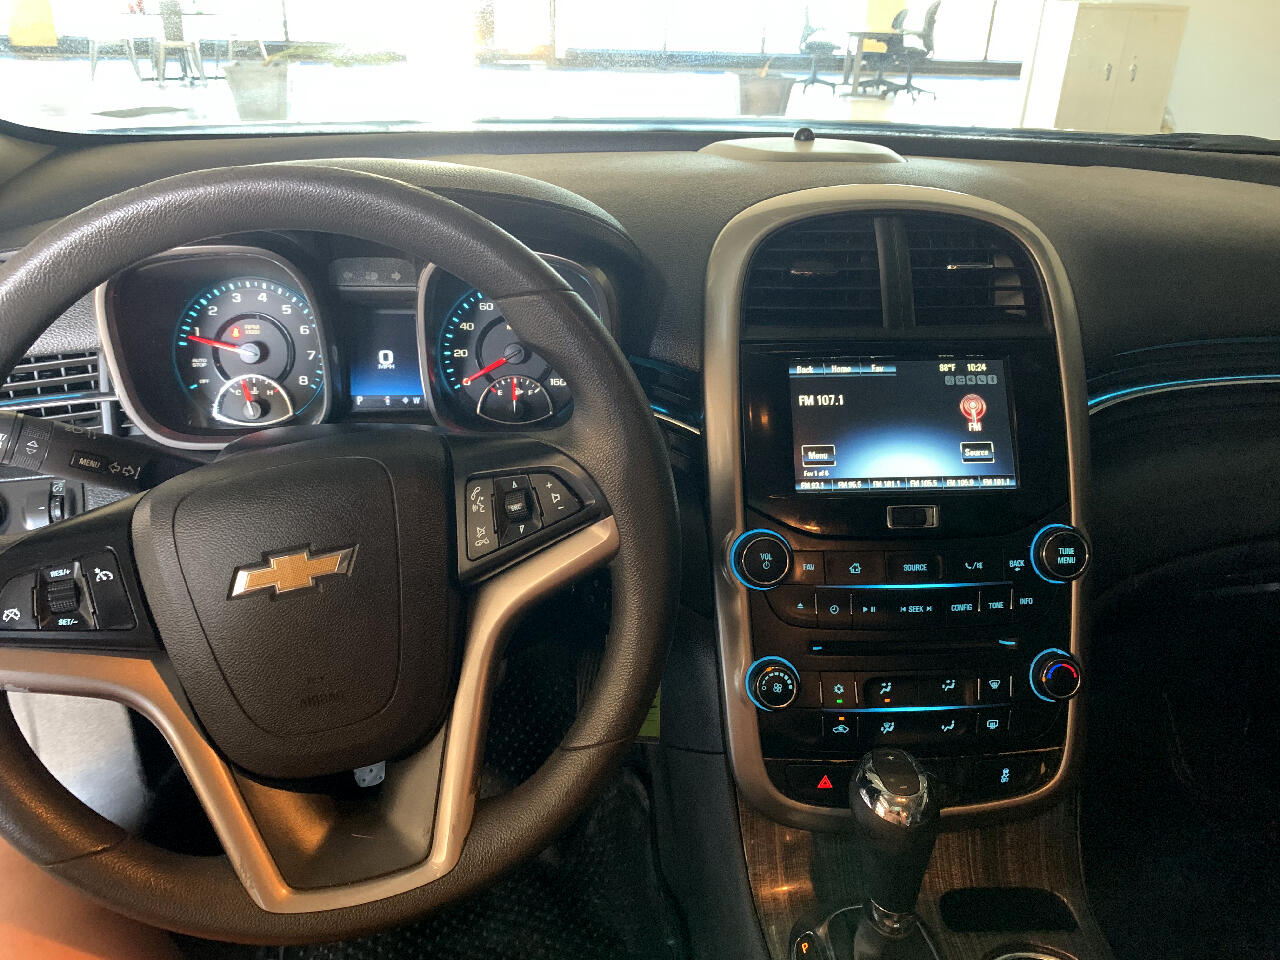 2014 Chevrolet Malibu 1LT